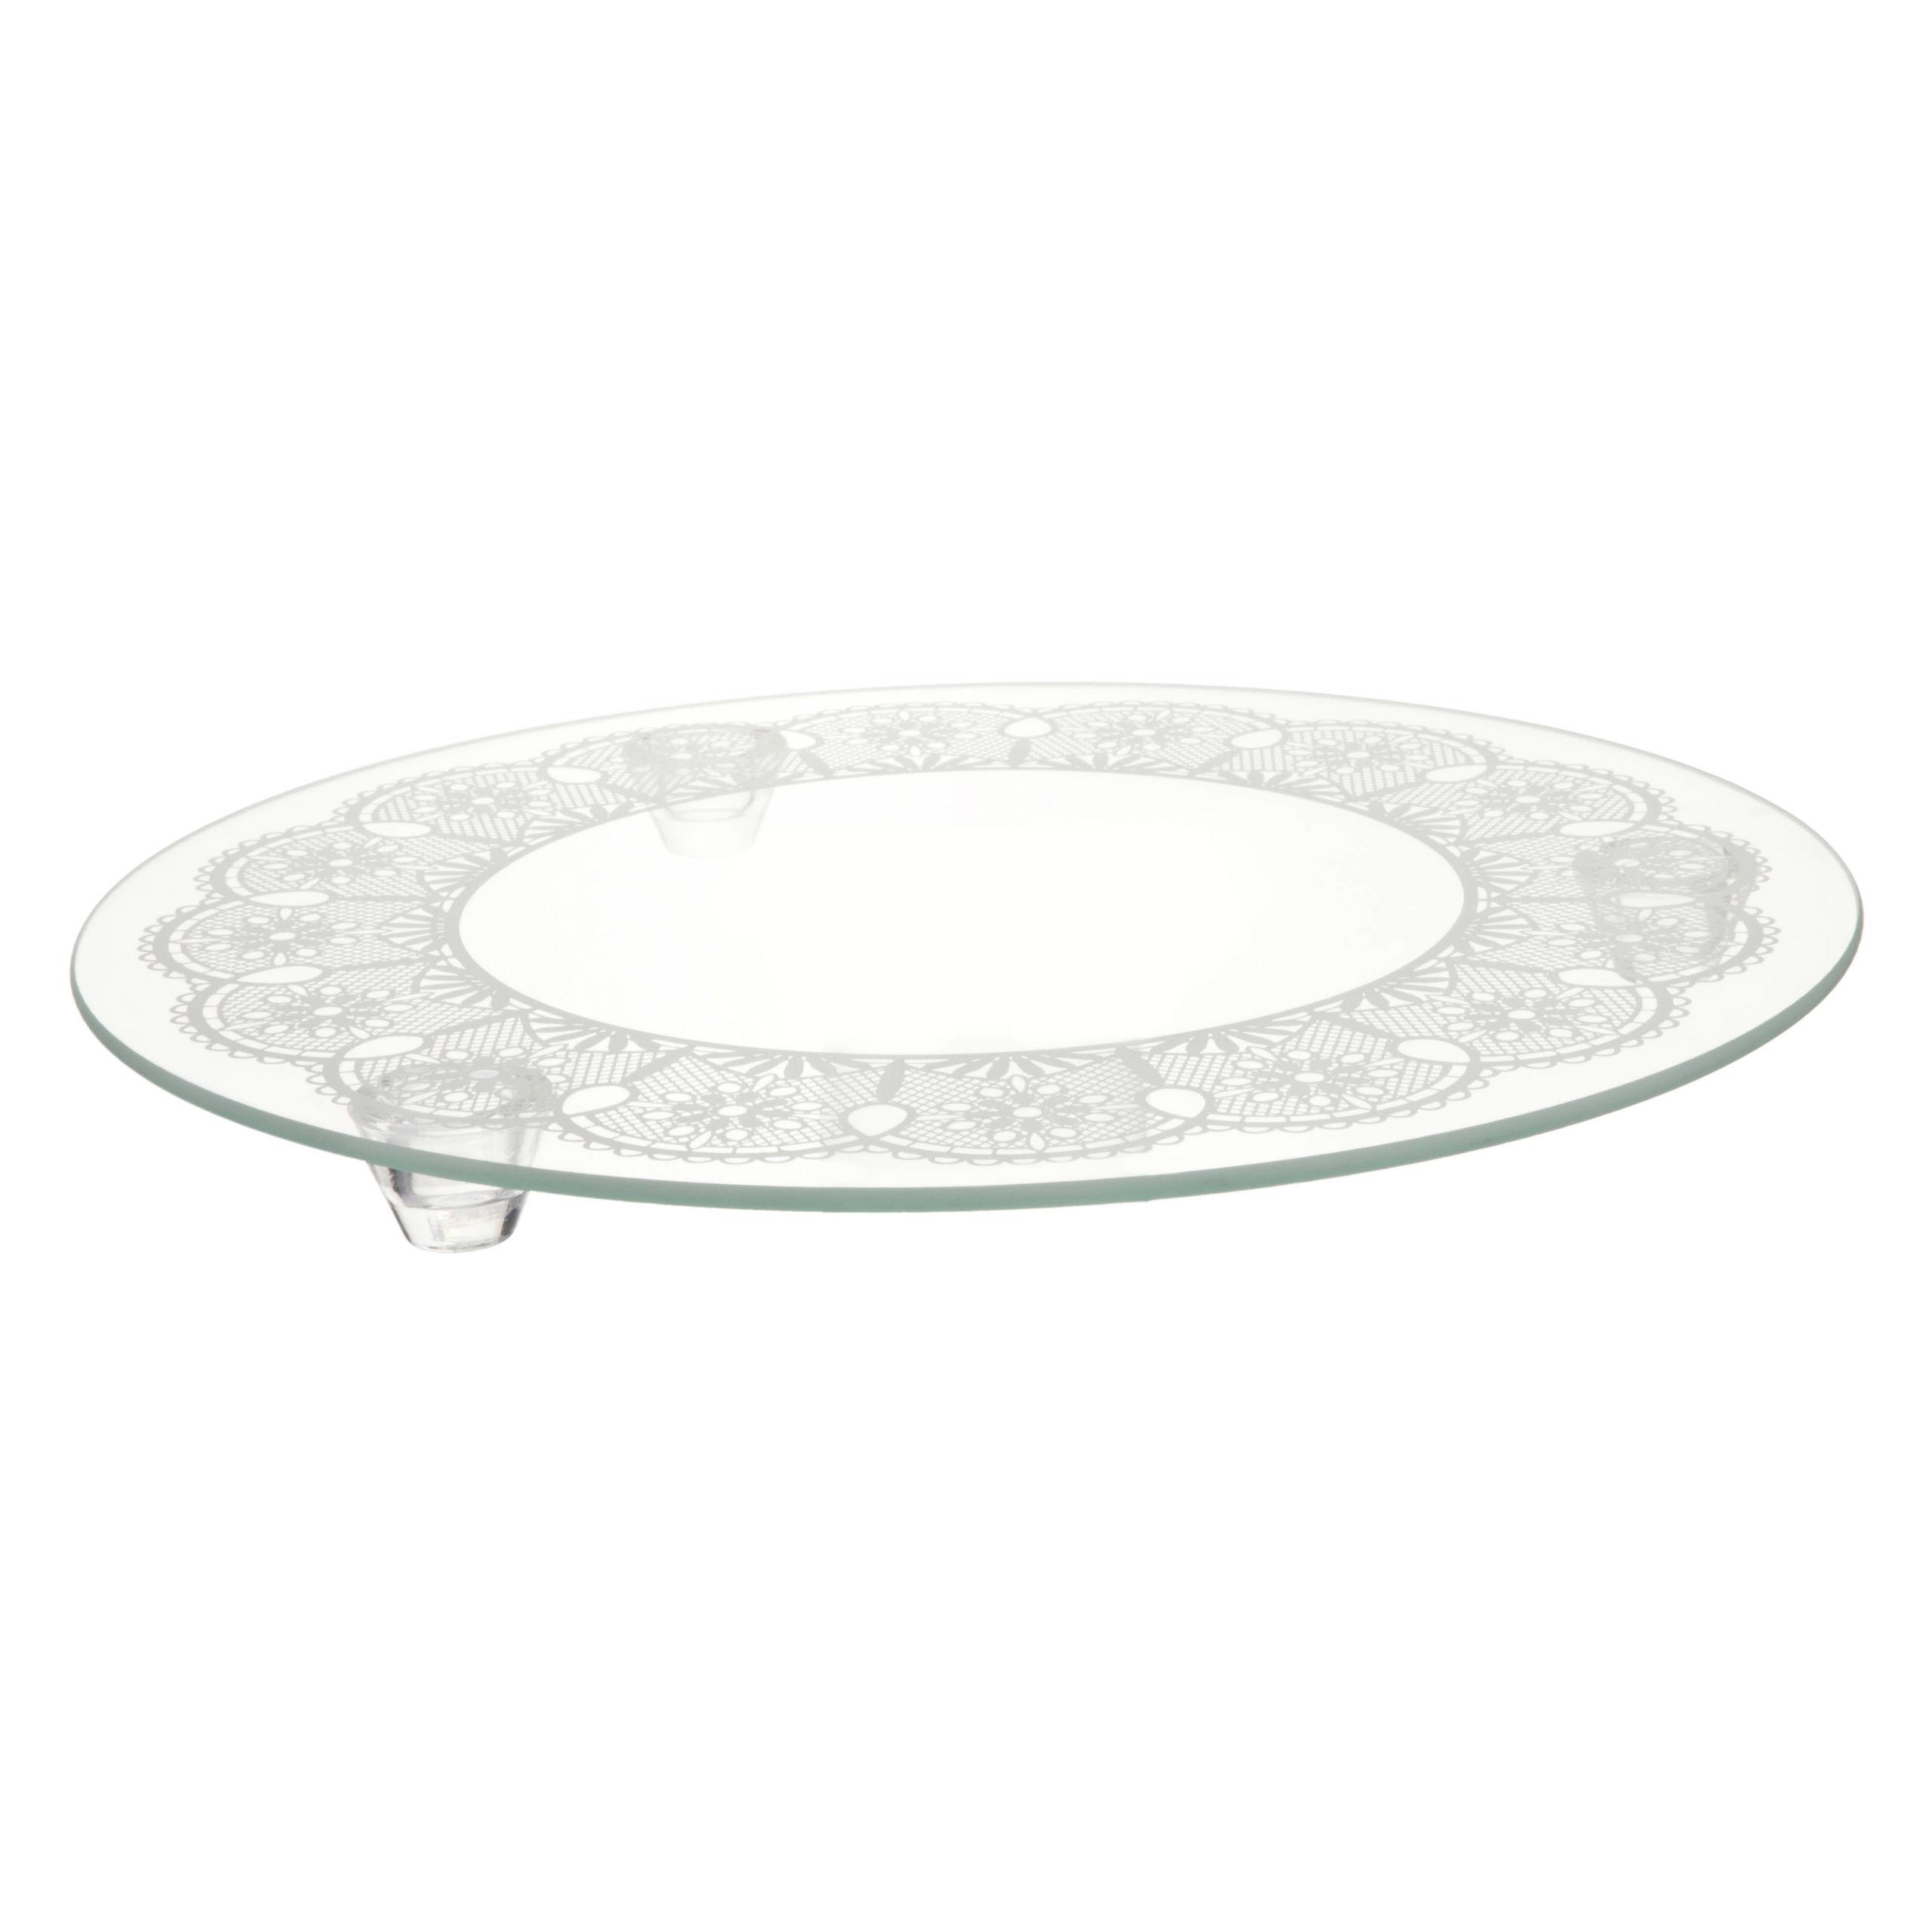 Patera szklana zdobiona art 6001